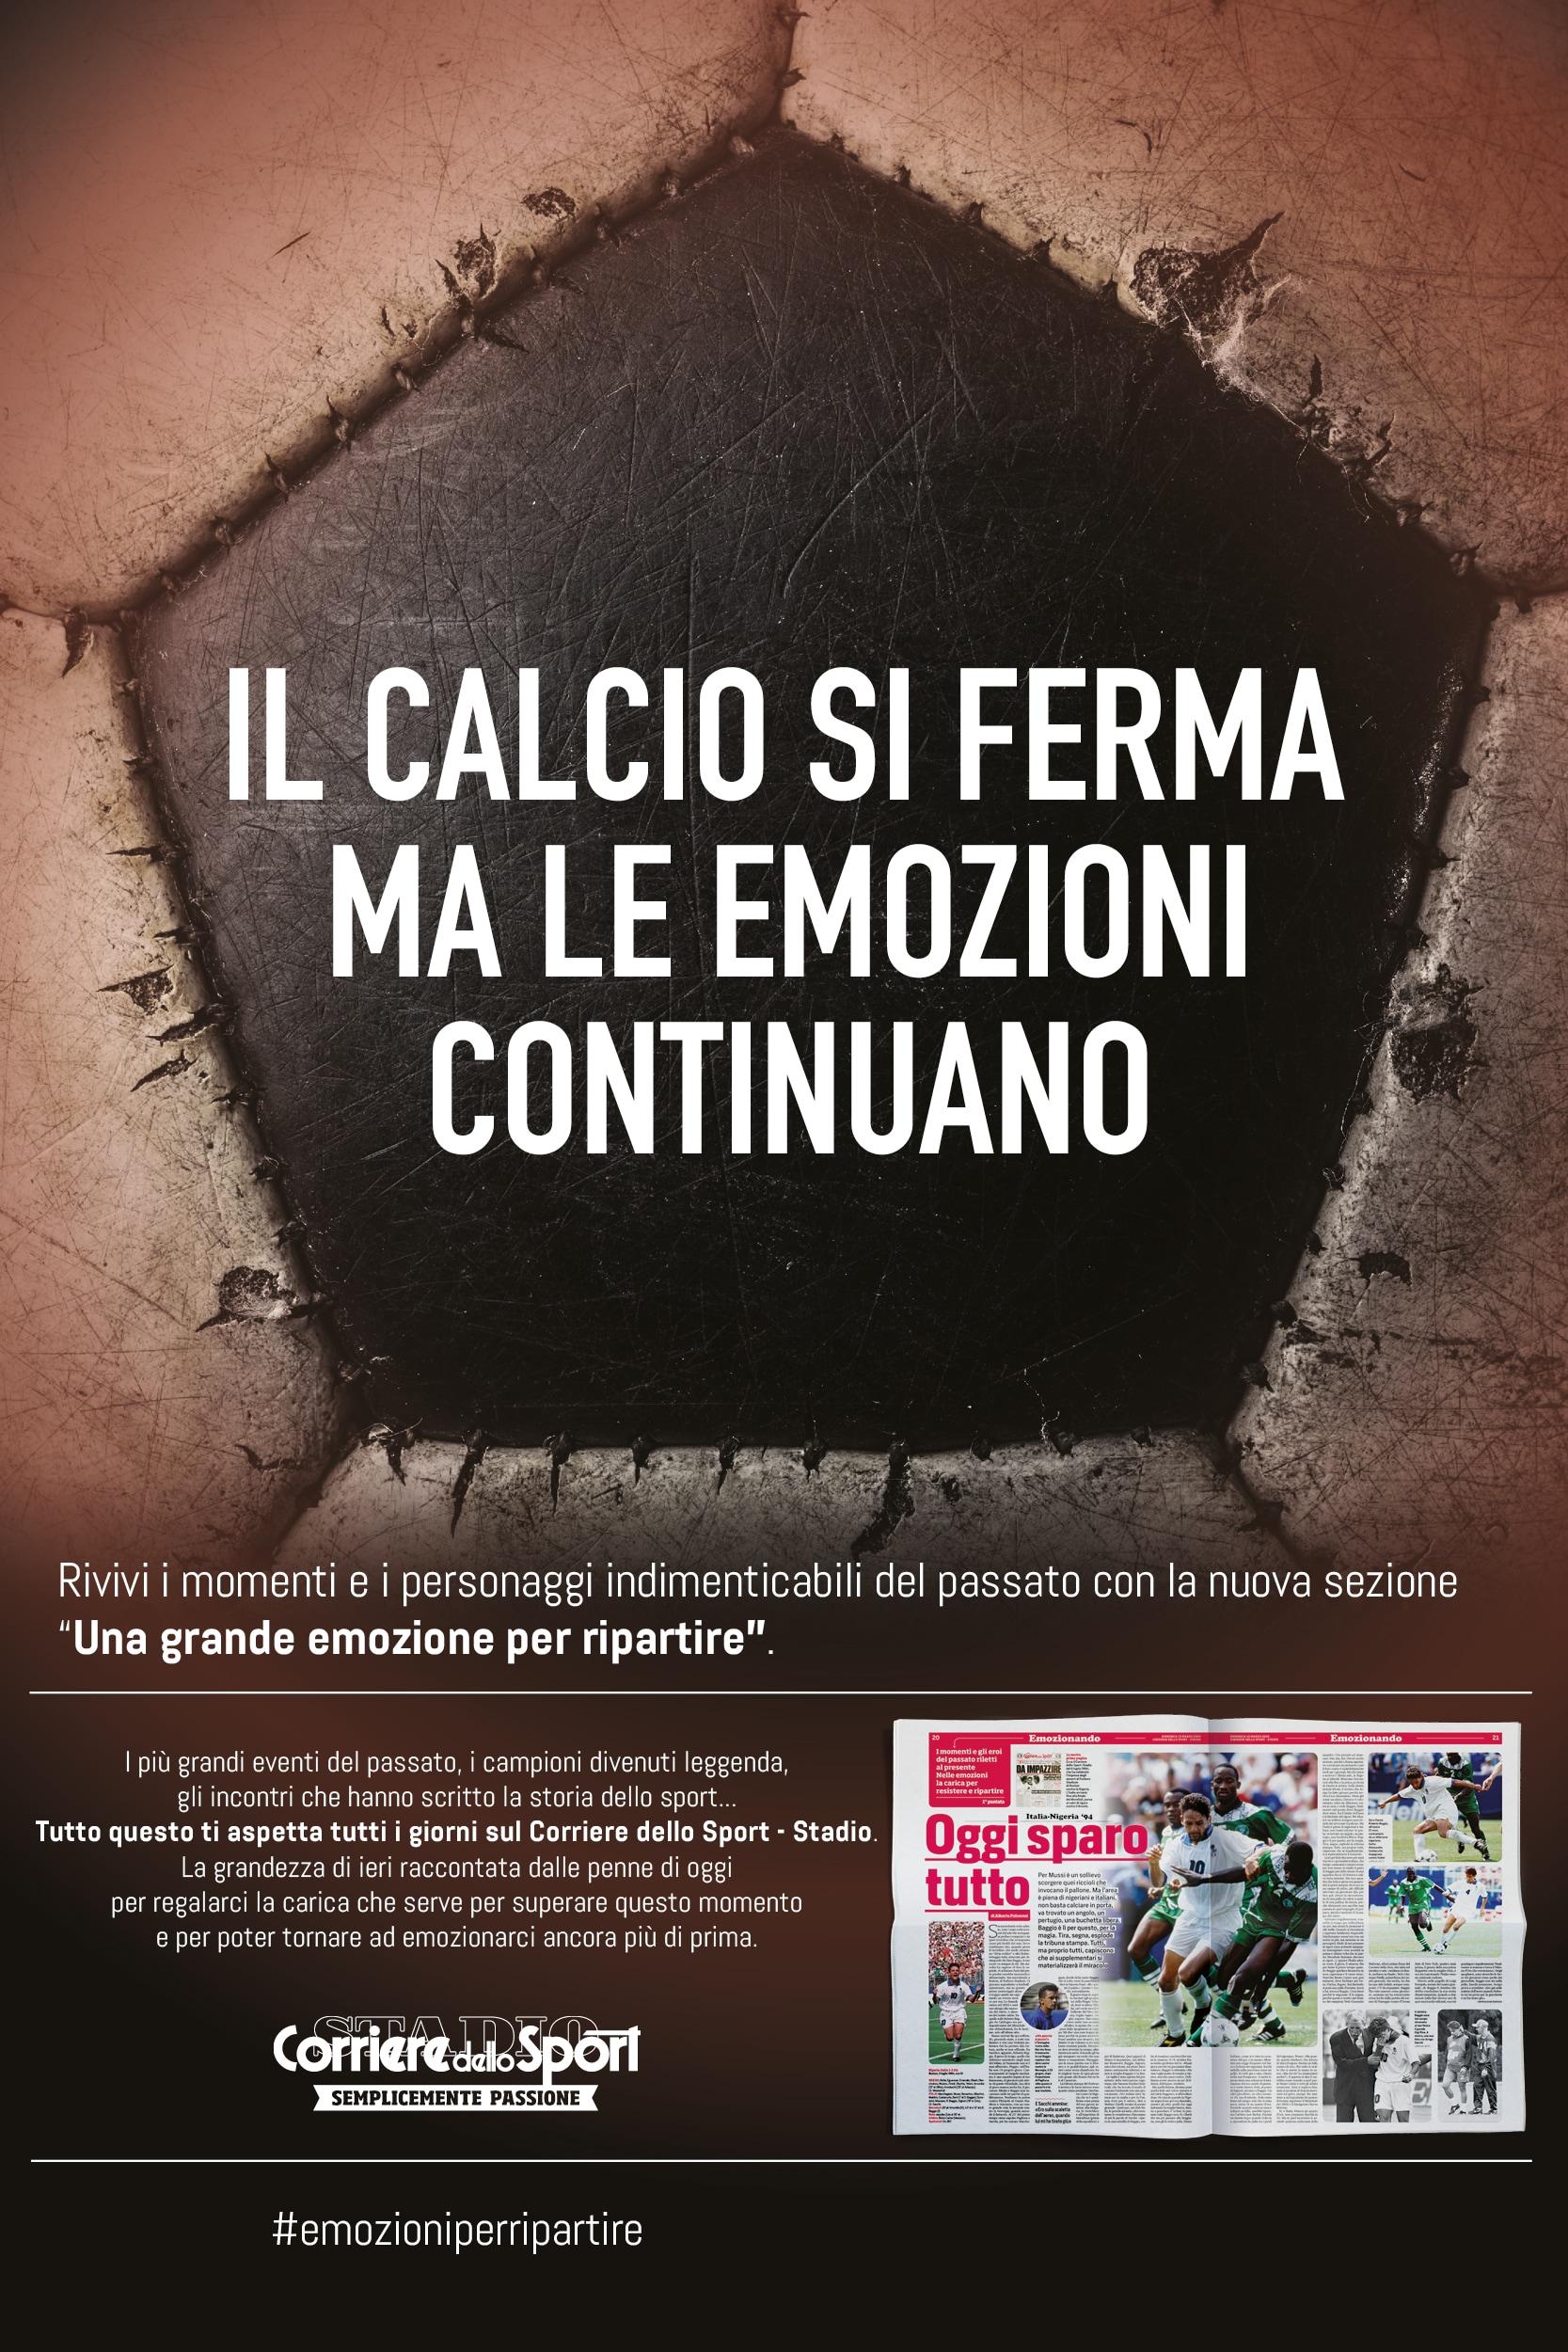 Il calcio si ferma ma le emozioni continuano: Roberto Baggio